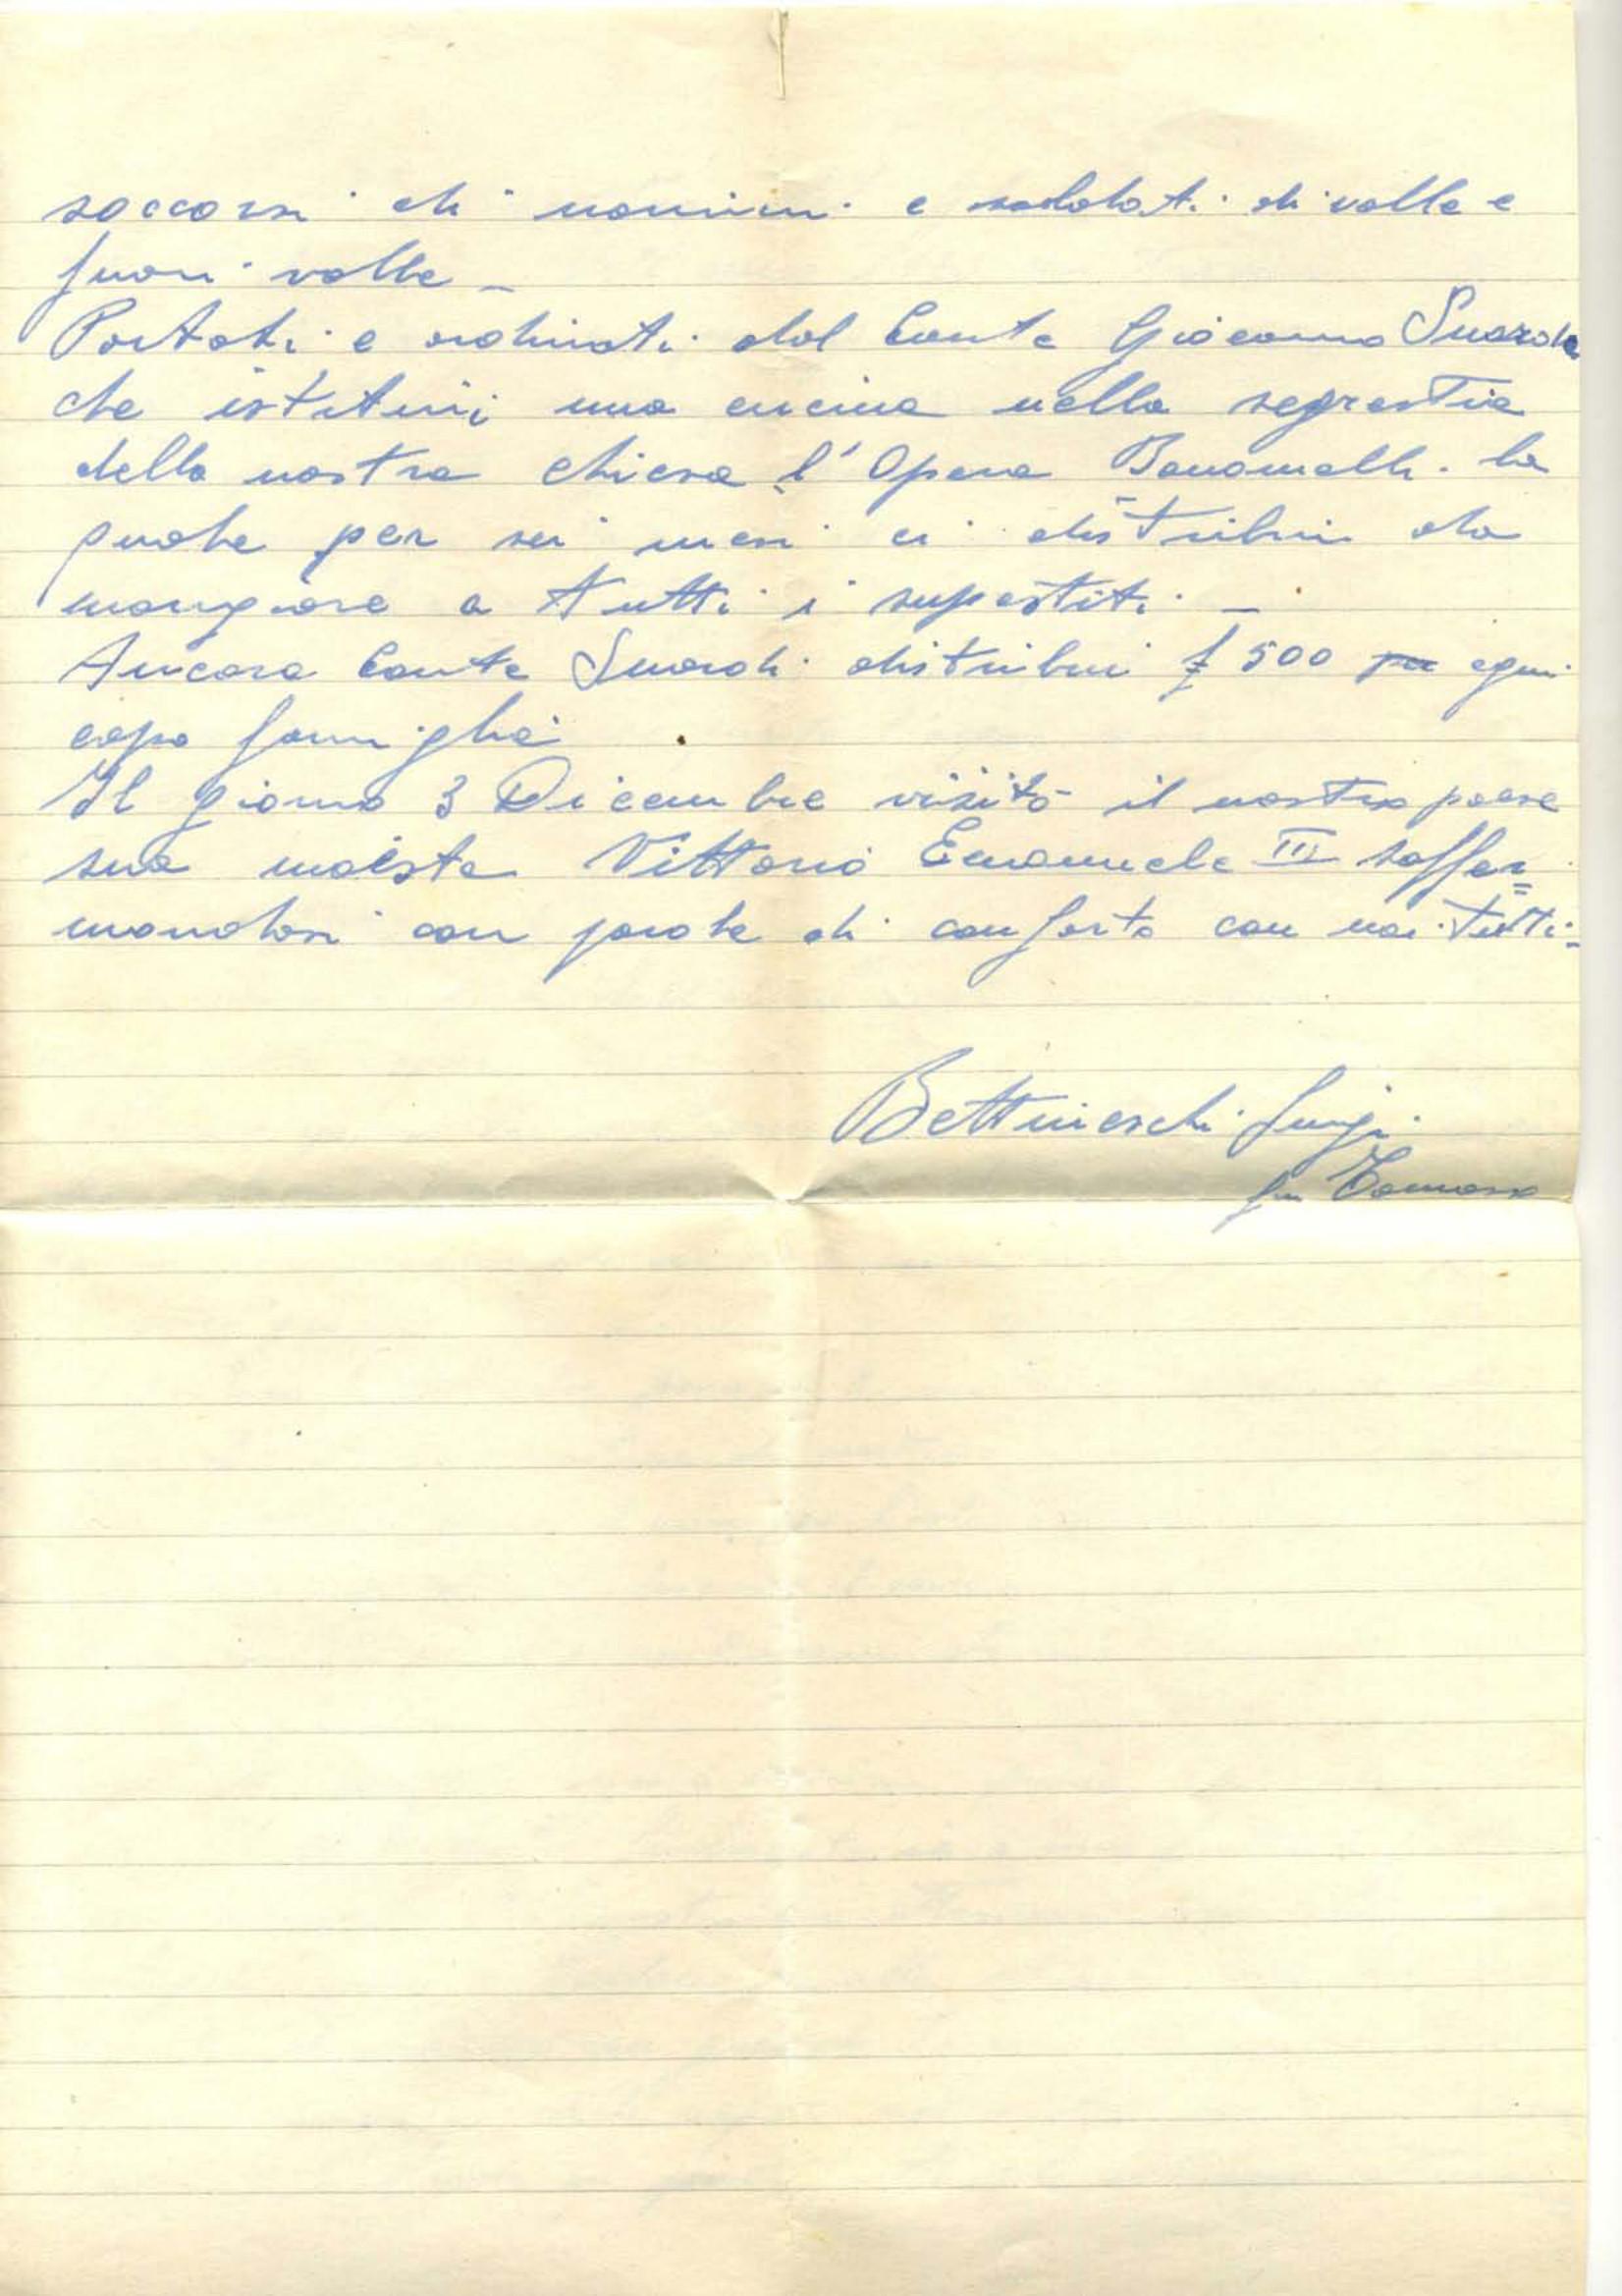 Lettera di Bettineschi Luigi del Consorzio_03